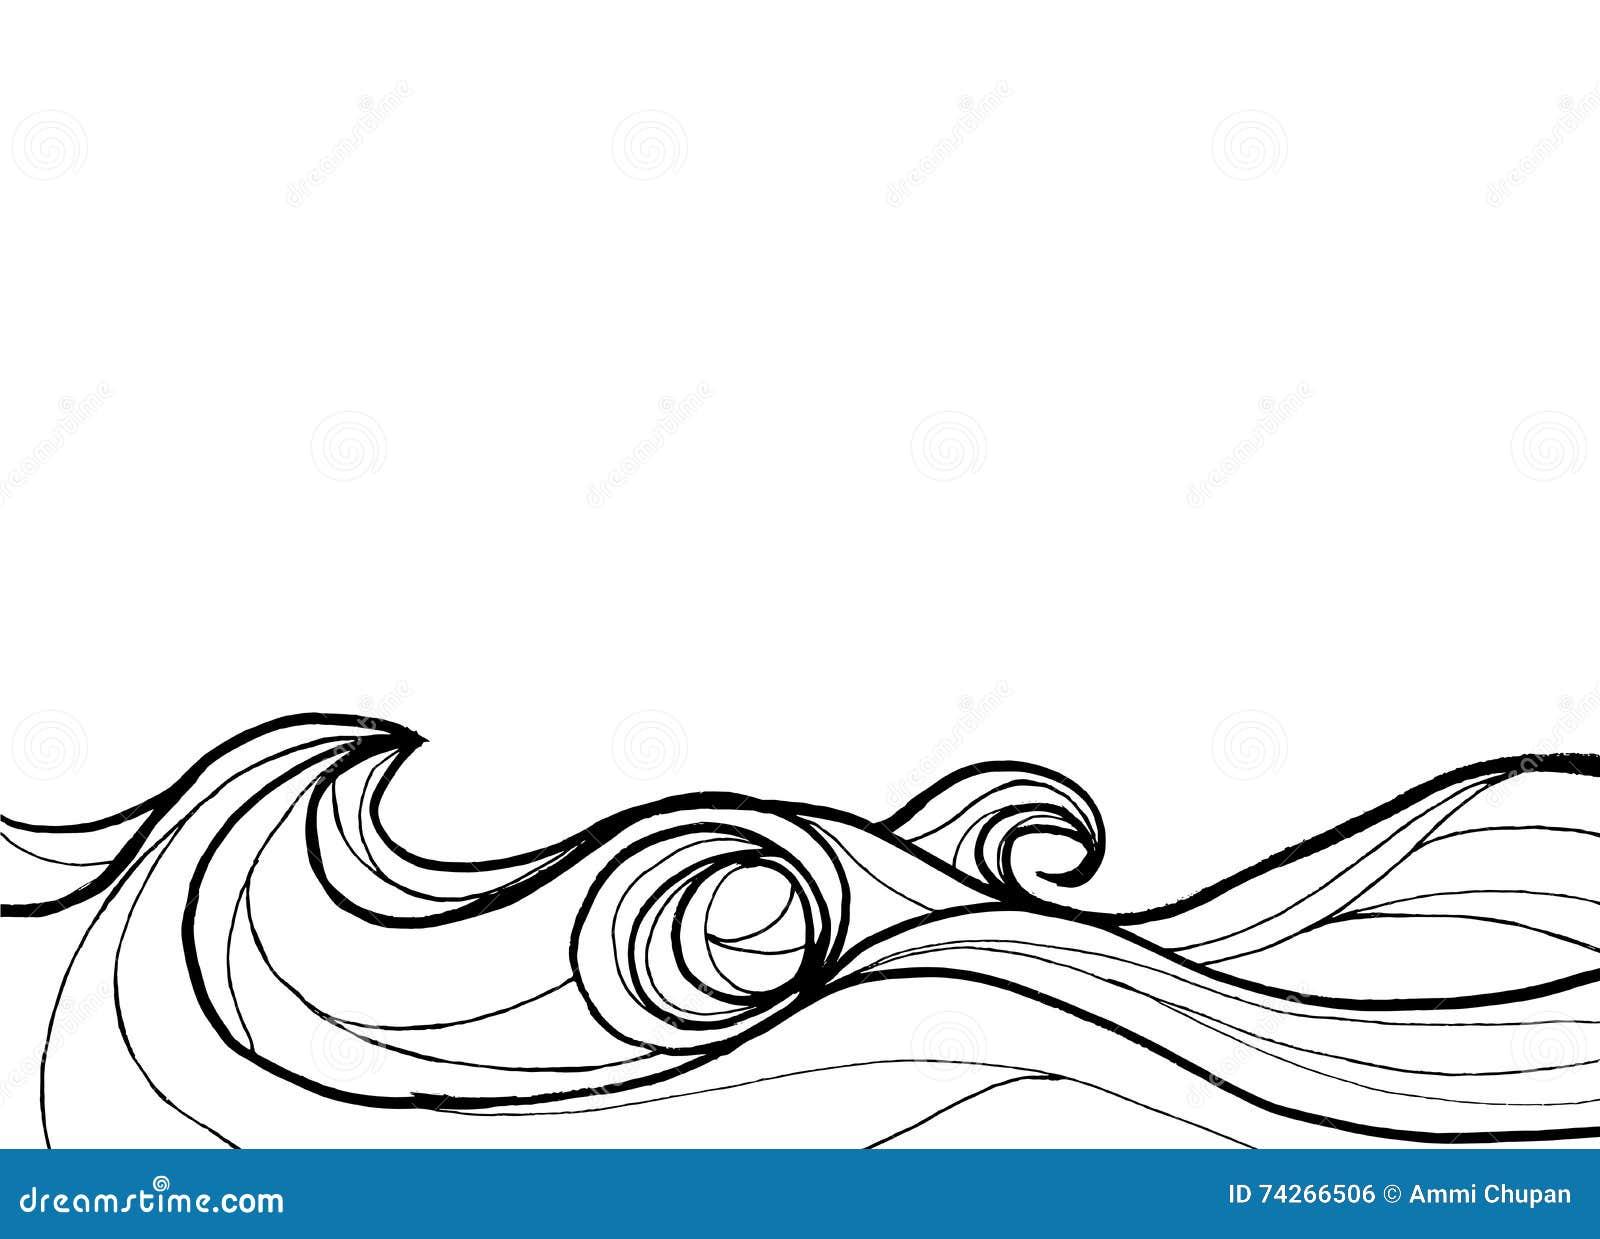 Ocean Clip Art Black and White